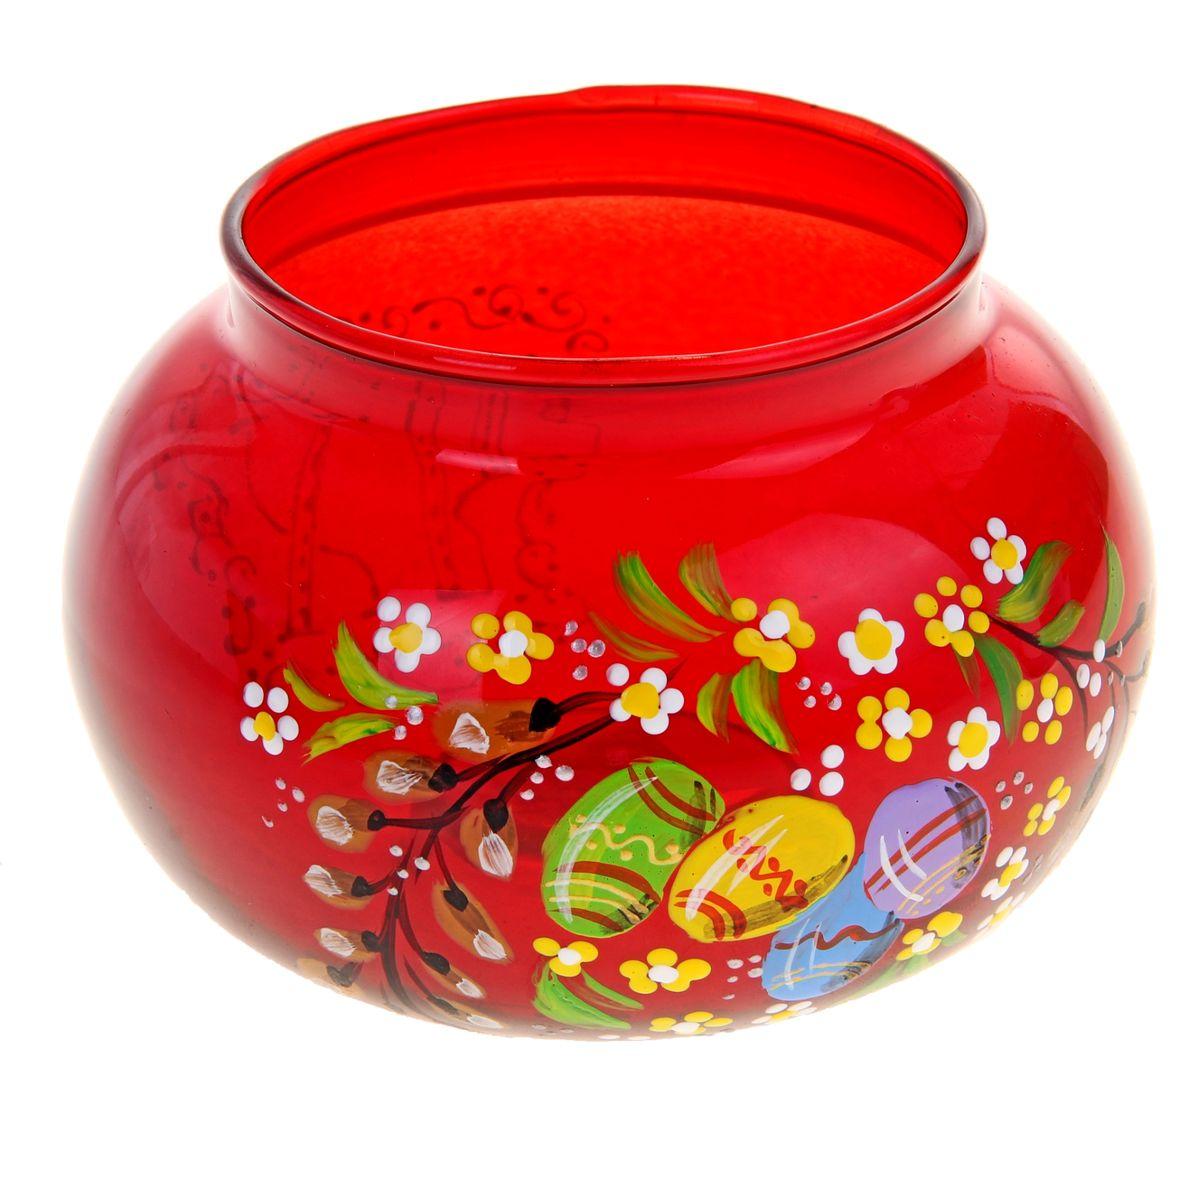 Подсвечник Sima-land Пасха, цвет: красный196291Подсвечник Sima-land Пасха идеально подойдет для праздничного оформления дома. Подсвечник выполнен из стекла красного цвета и украшен пасхальным рисунком. В центр изделия помещается свеча-таблетка (не входит в комплект). Зажгите свечку, поставьте ее в подсвечник и наслаждайтесь теплом, которое наполнит ваше сердце. Пасхальный декоративный подсвечник украсит интерьер вашего дома. Оригинальный дизайн и красочное исполнение создадут праздничное настроение. Кроме того, это отличный вариант подарка для ваших близких и друзей. Размер подсвечника: 11 см х 11 см х 7,5 см. Диаметр отверстия для свечи: 7,5 см.